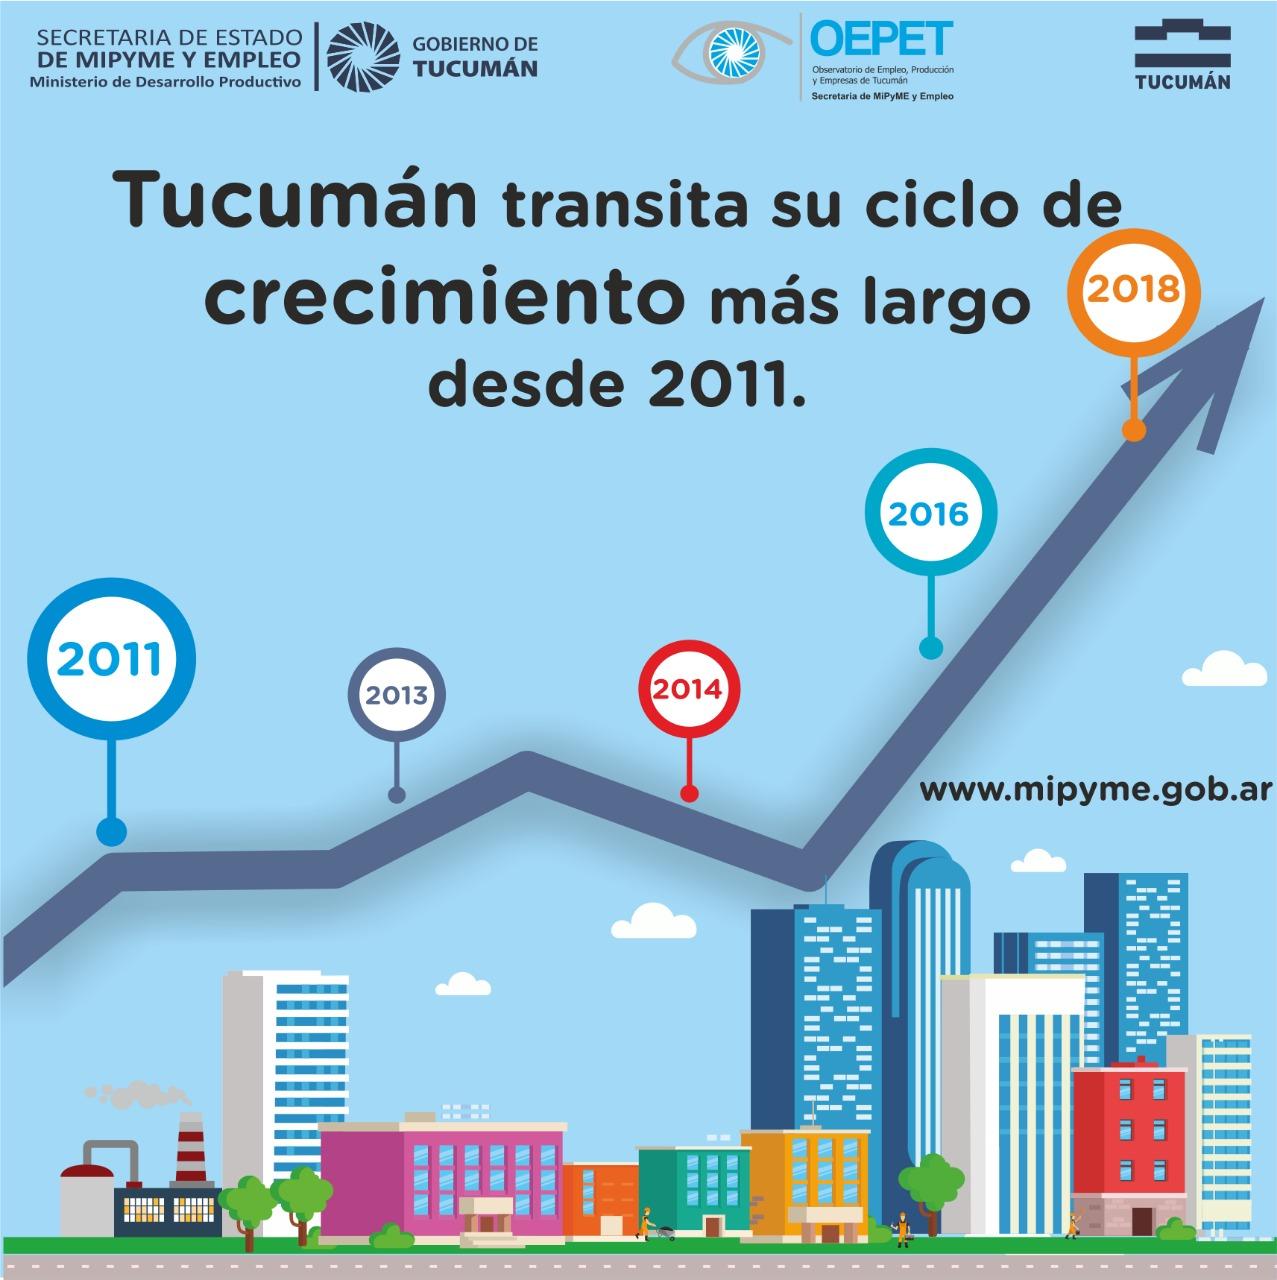 Tucumán transita su ciclo de crecimiento más largo desde 2011